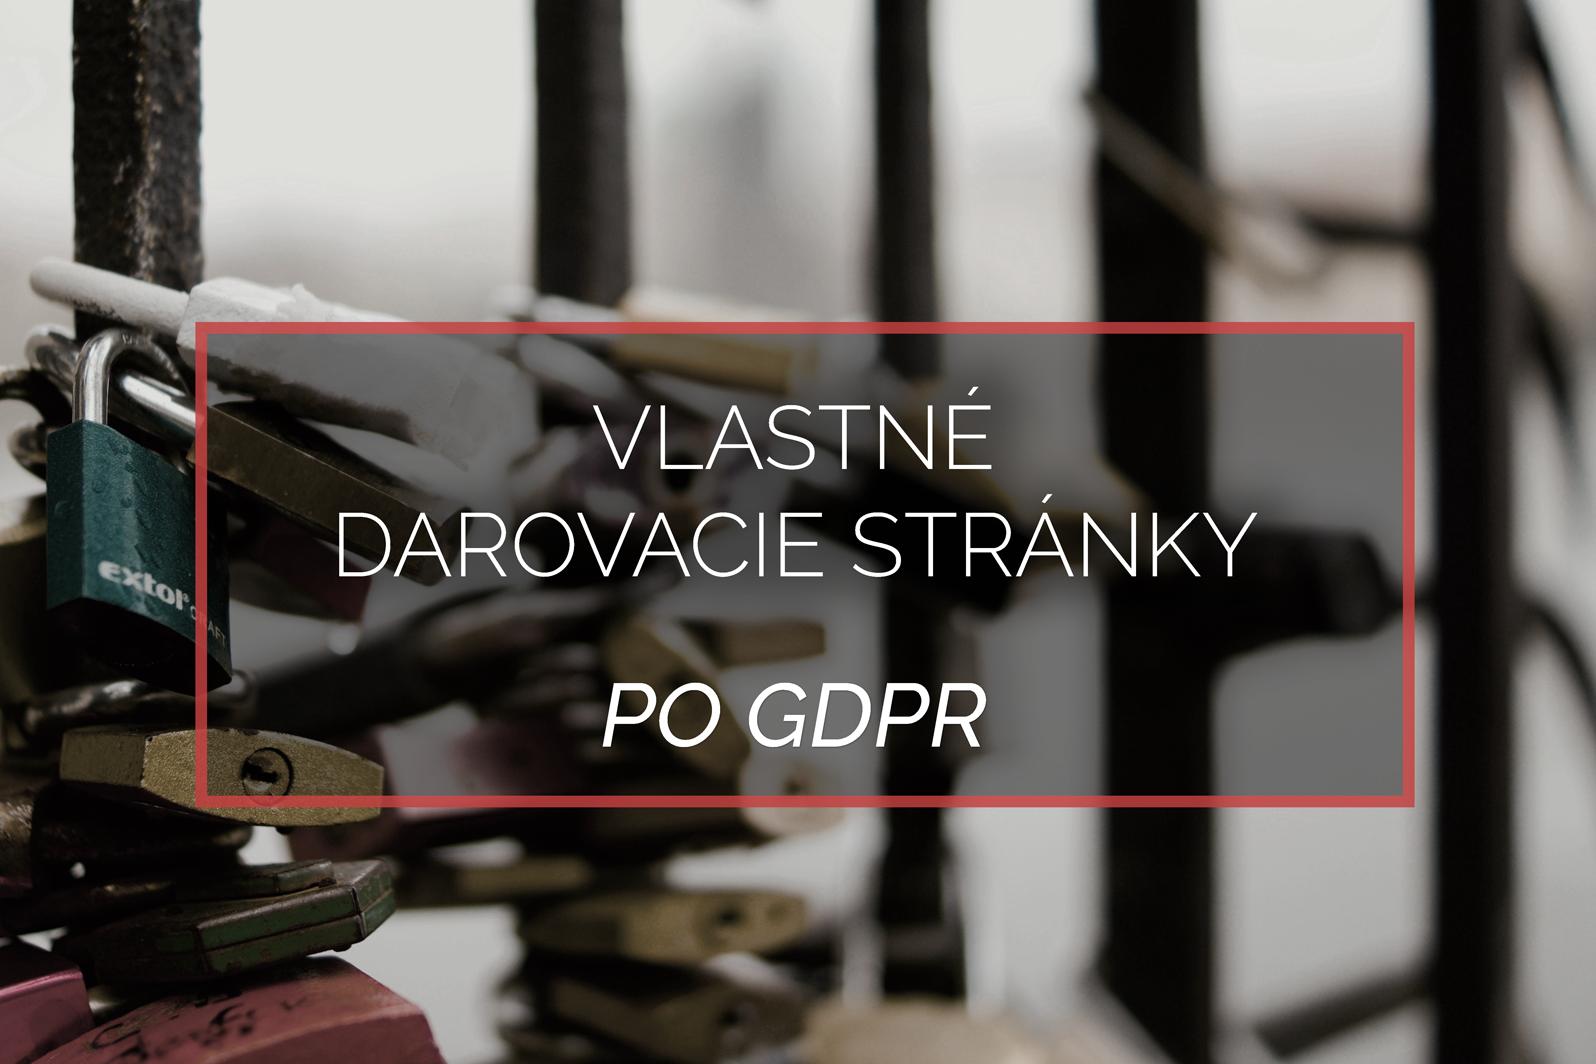 DARUJME.sk vlastne darovacie stranky po GDPR